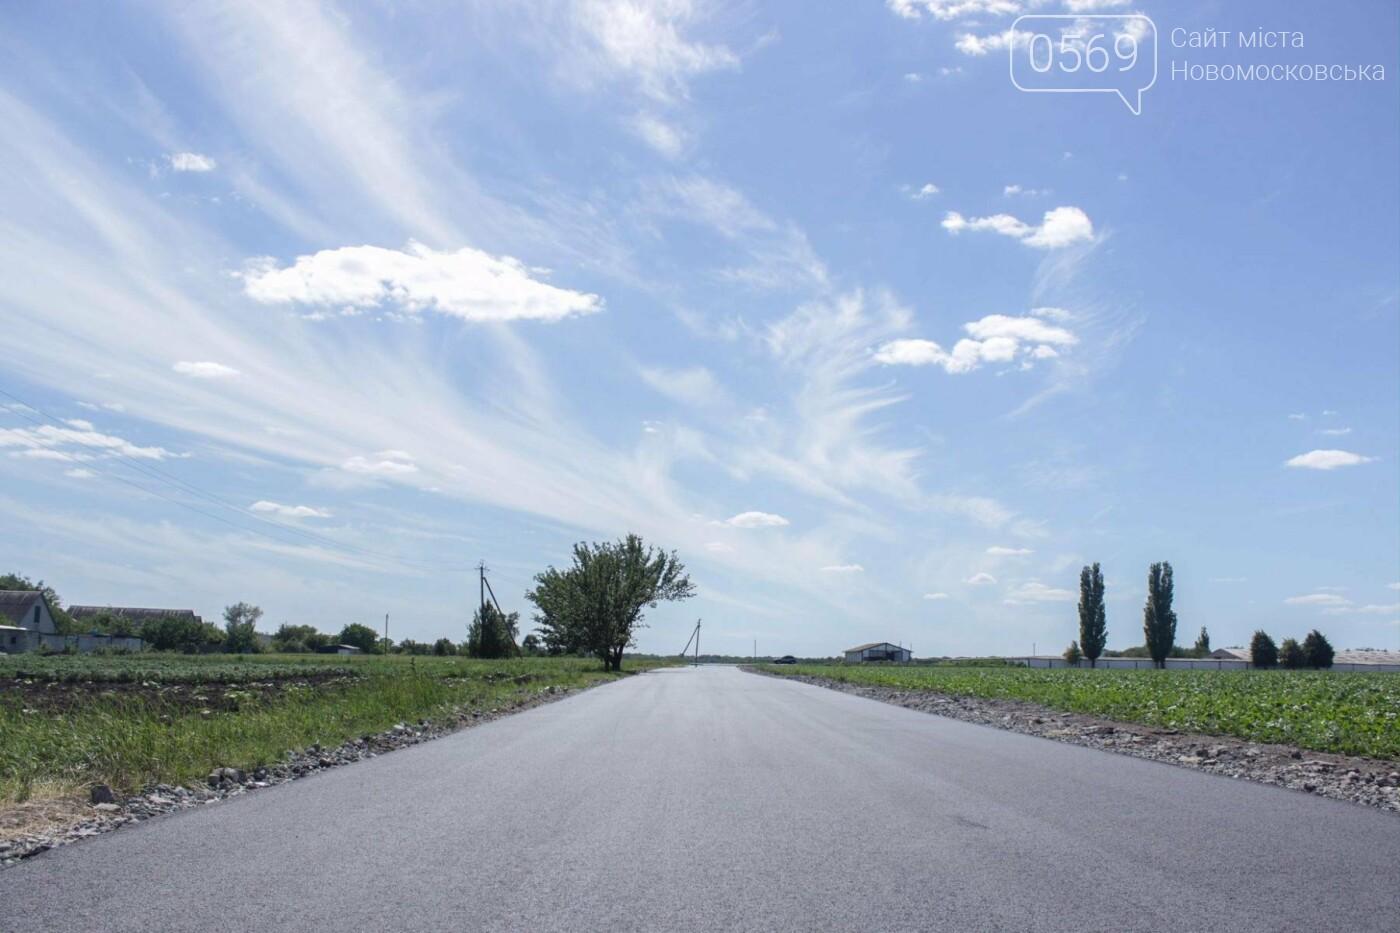 В селе на Новомосковщине отремонтировали две дороги, фото-2